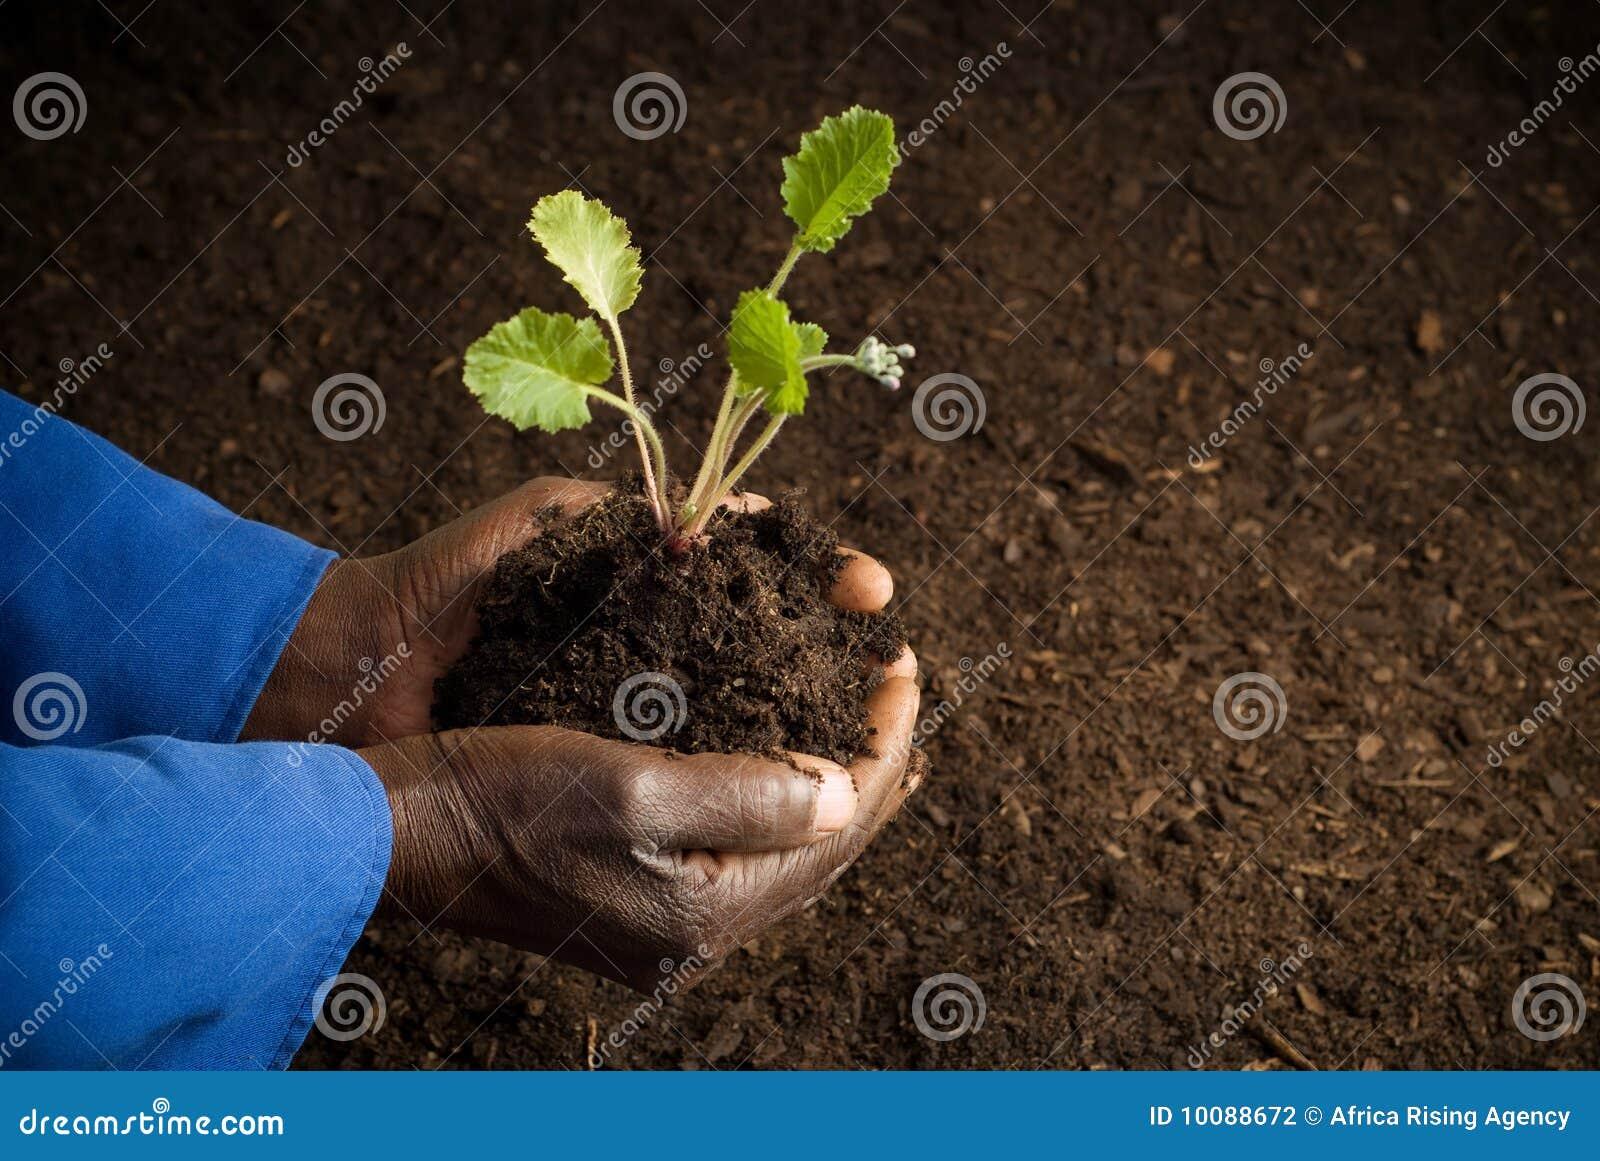 Afroamerikaner-Landwirt mit neuer Anlage